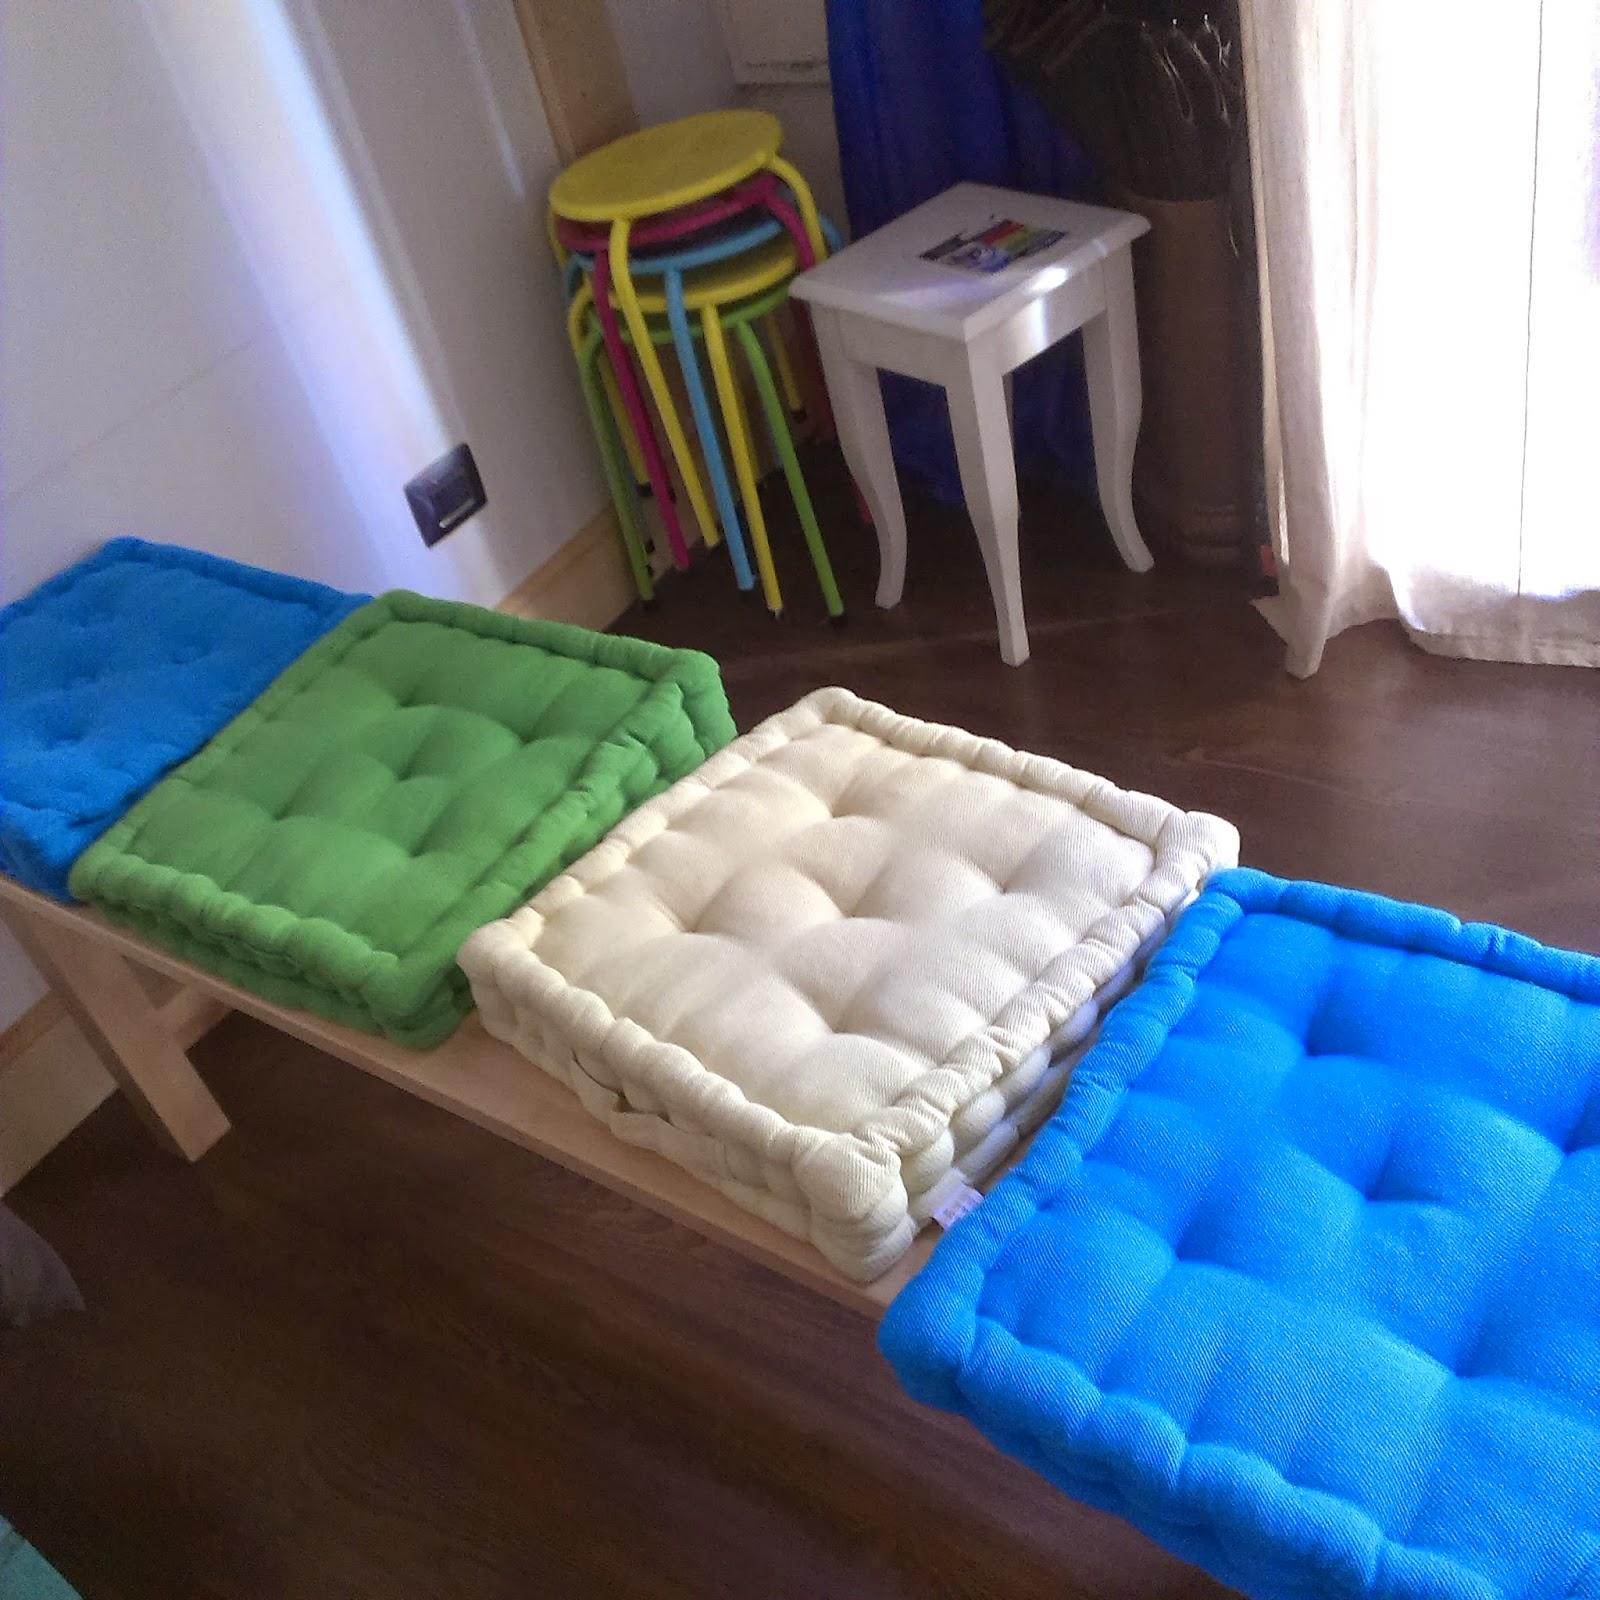 Cuscini per divani e da arredamento artigiano materassi for Cuscini materasso arredo